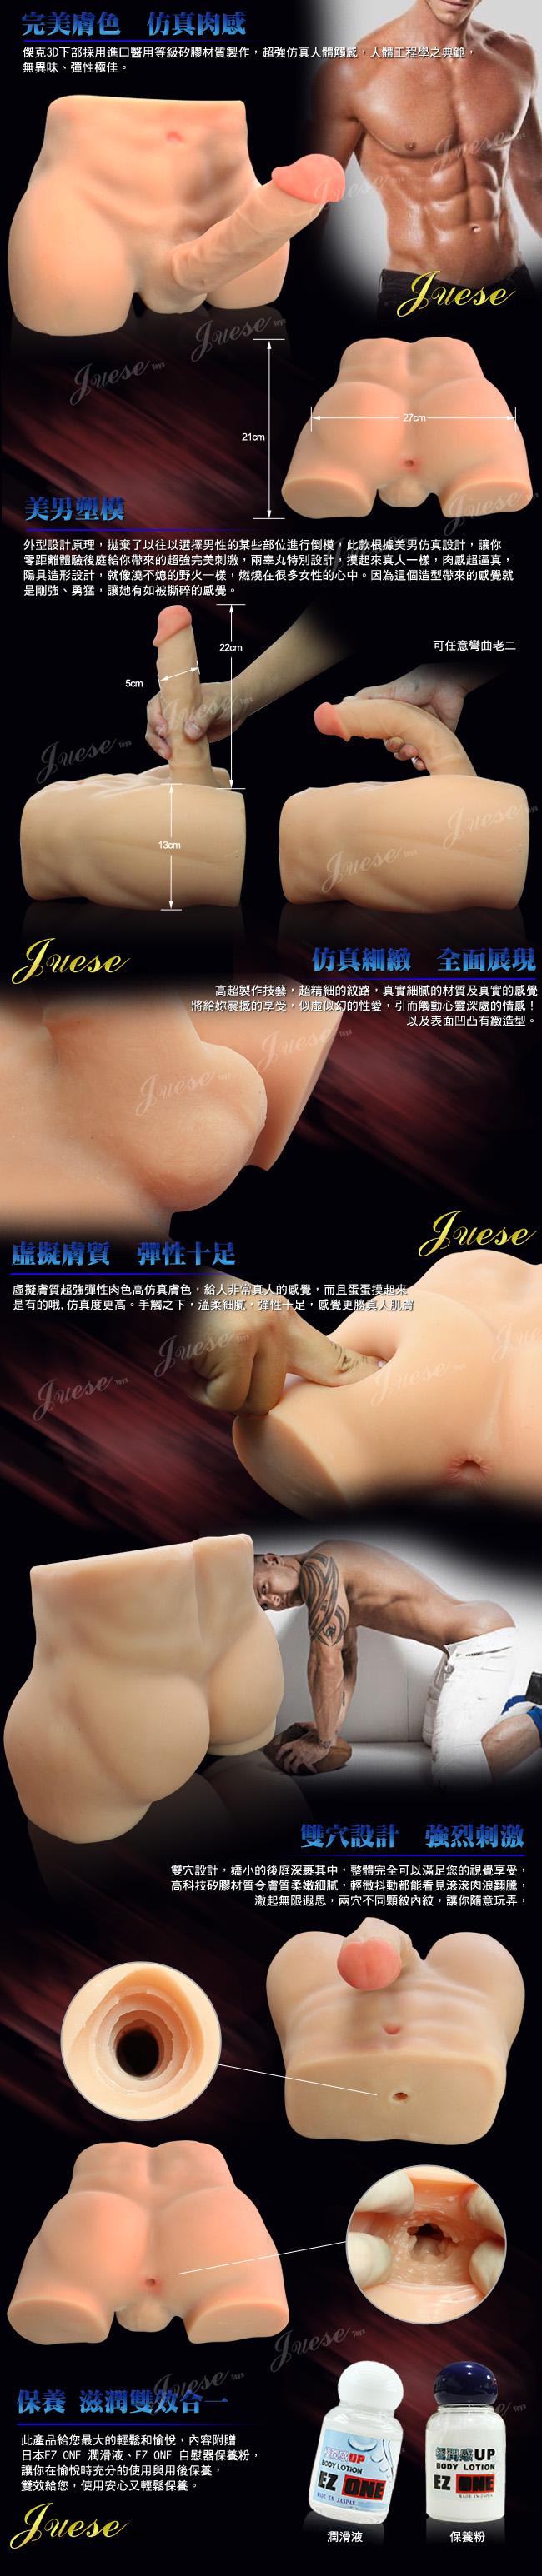 香港Juese-傑克3D下部(仿真前後構造)重量級5.2Kg自慰器